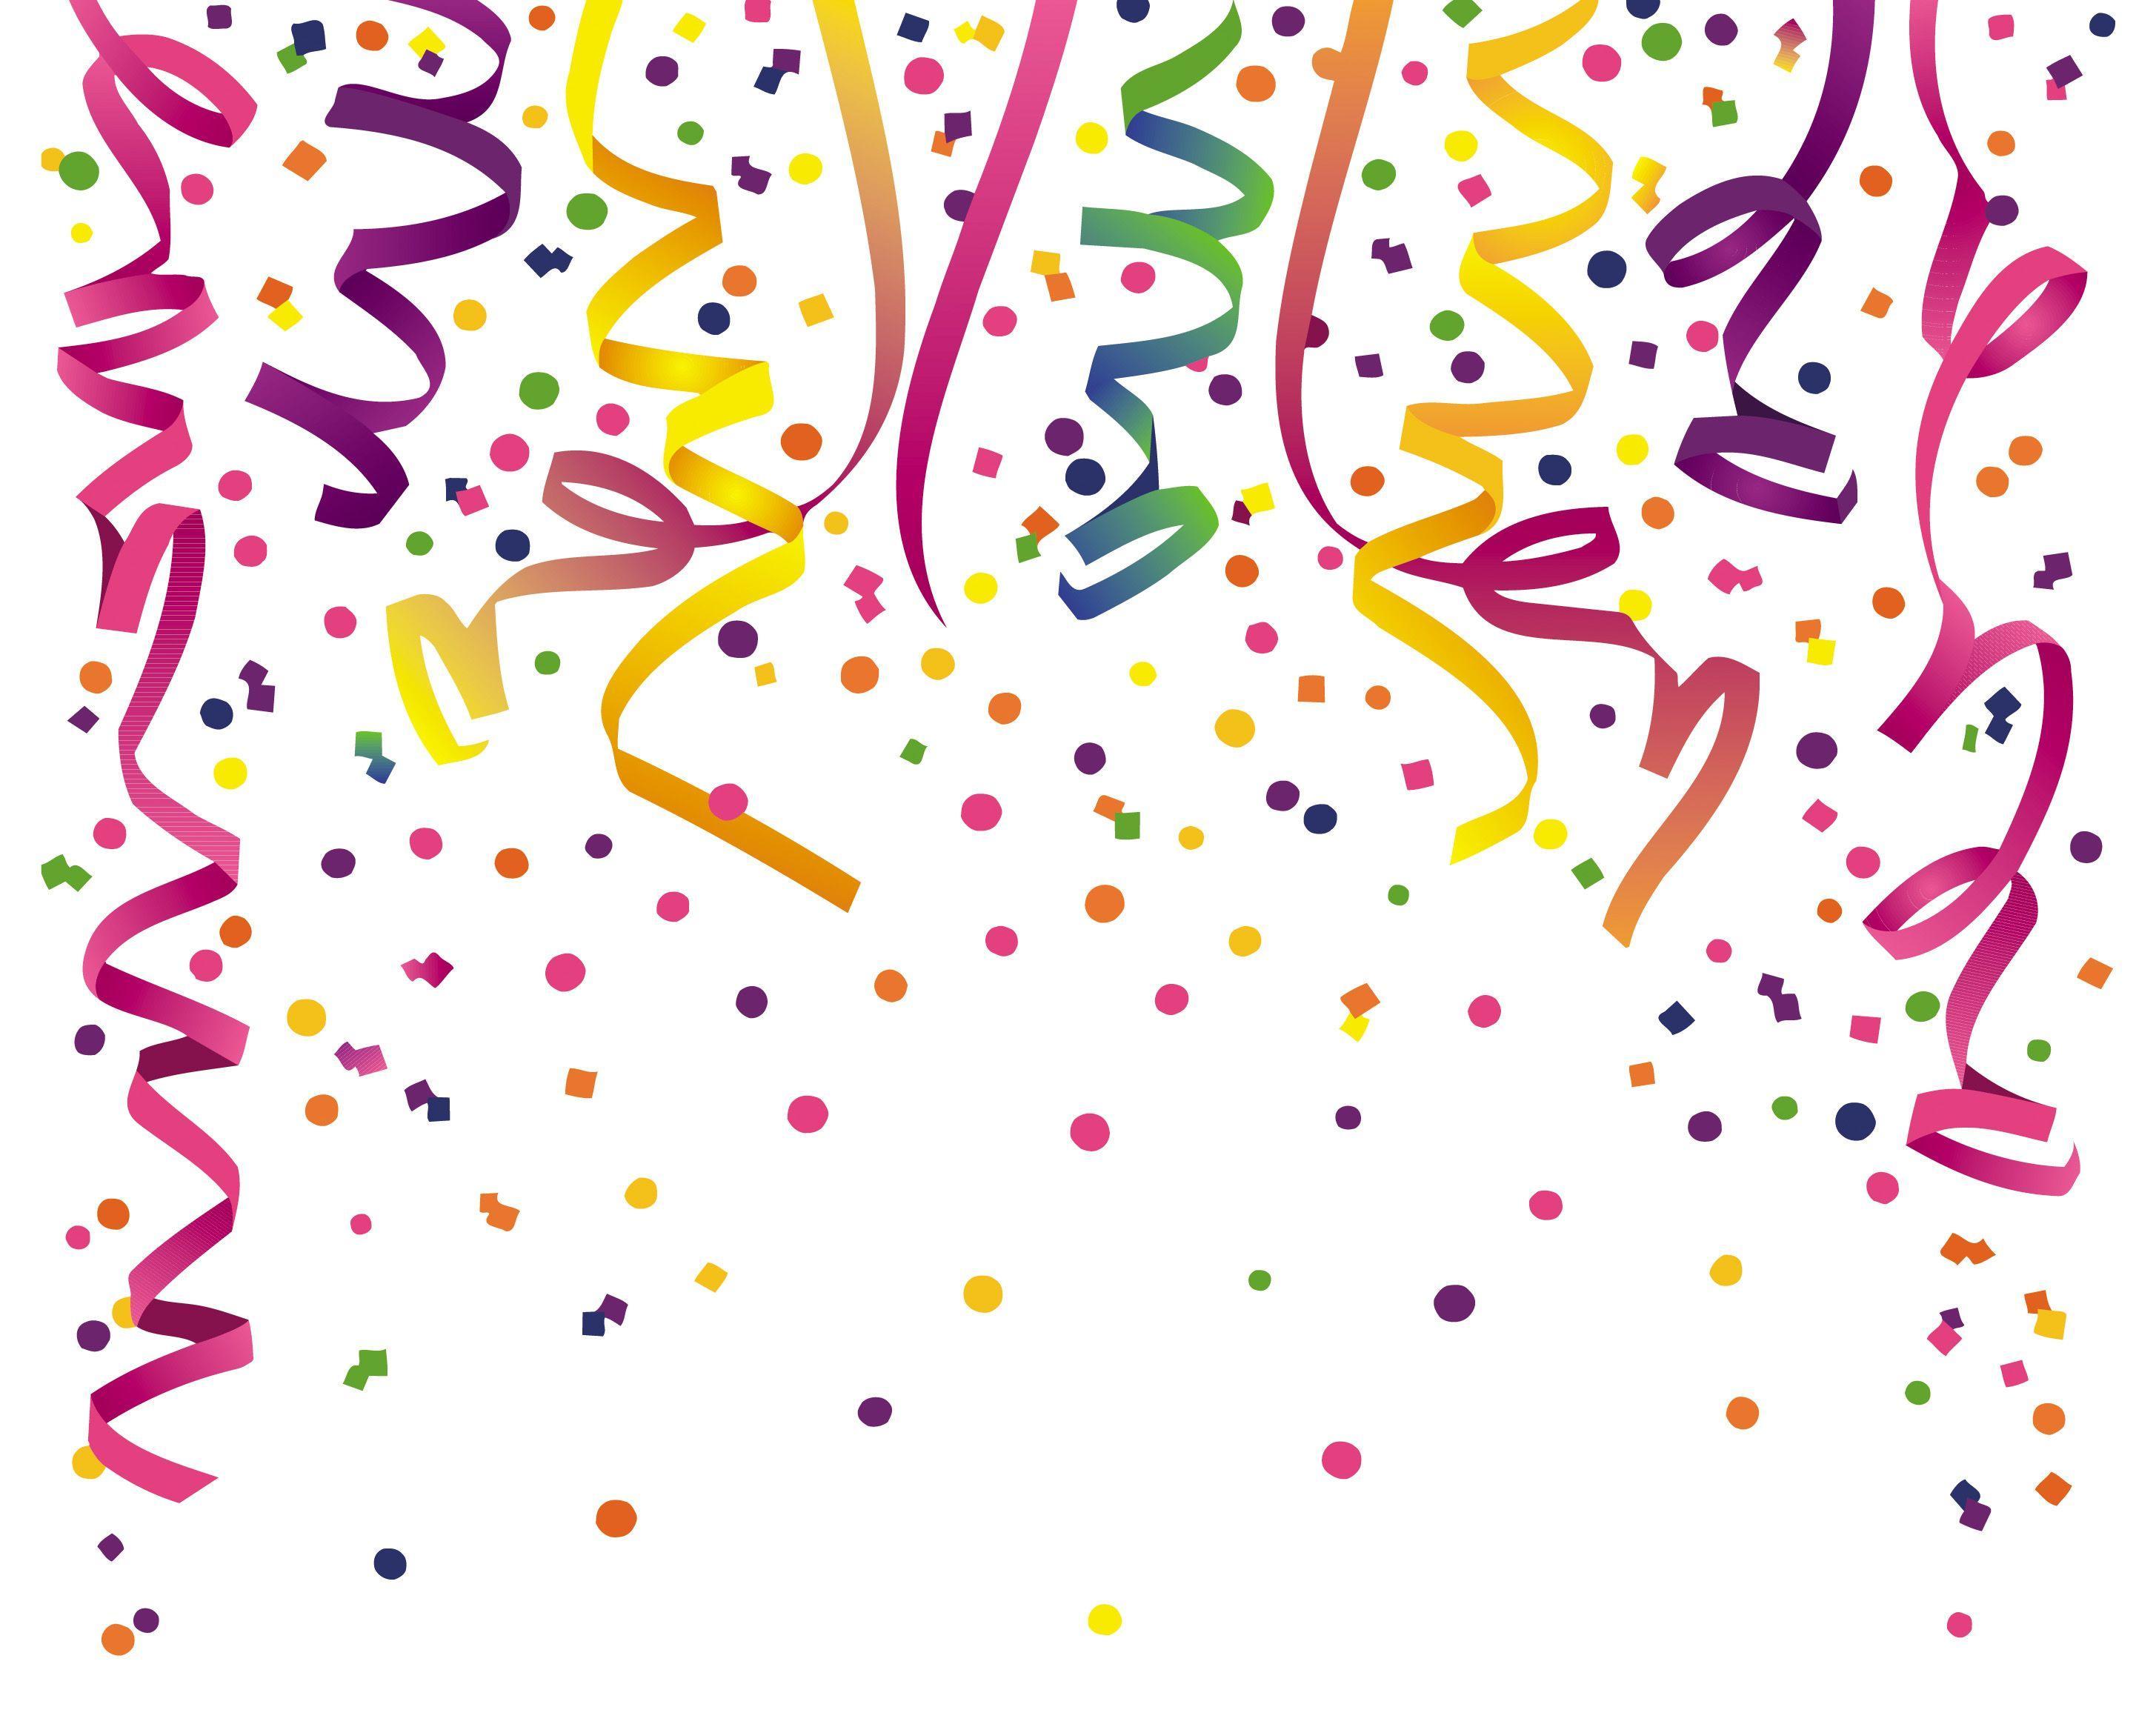 Confetti Wallpapers - Top Free Confetti